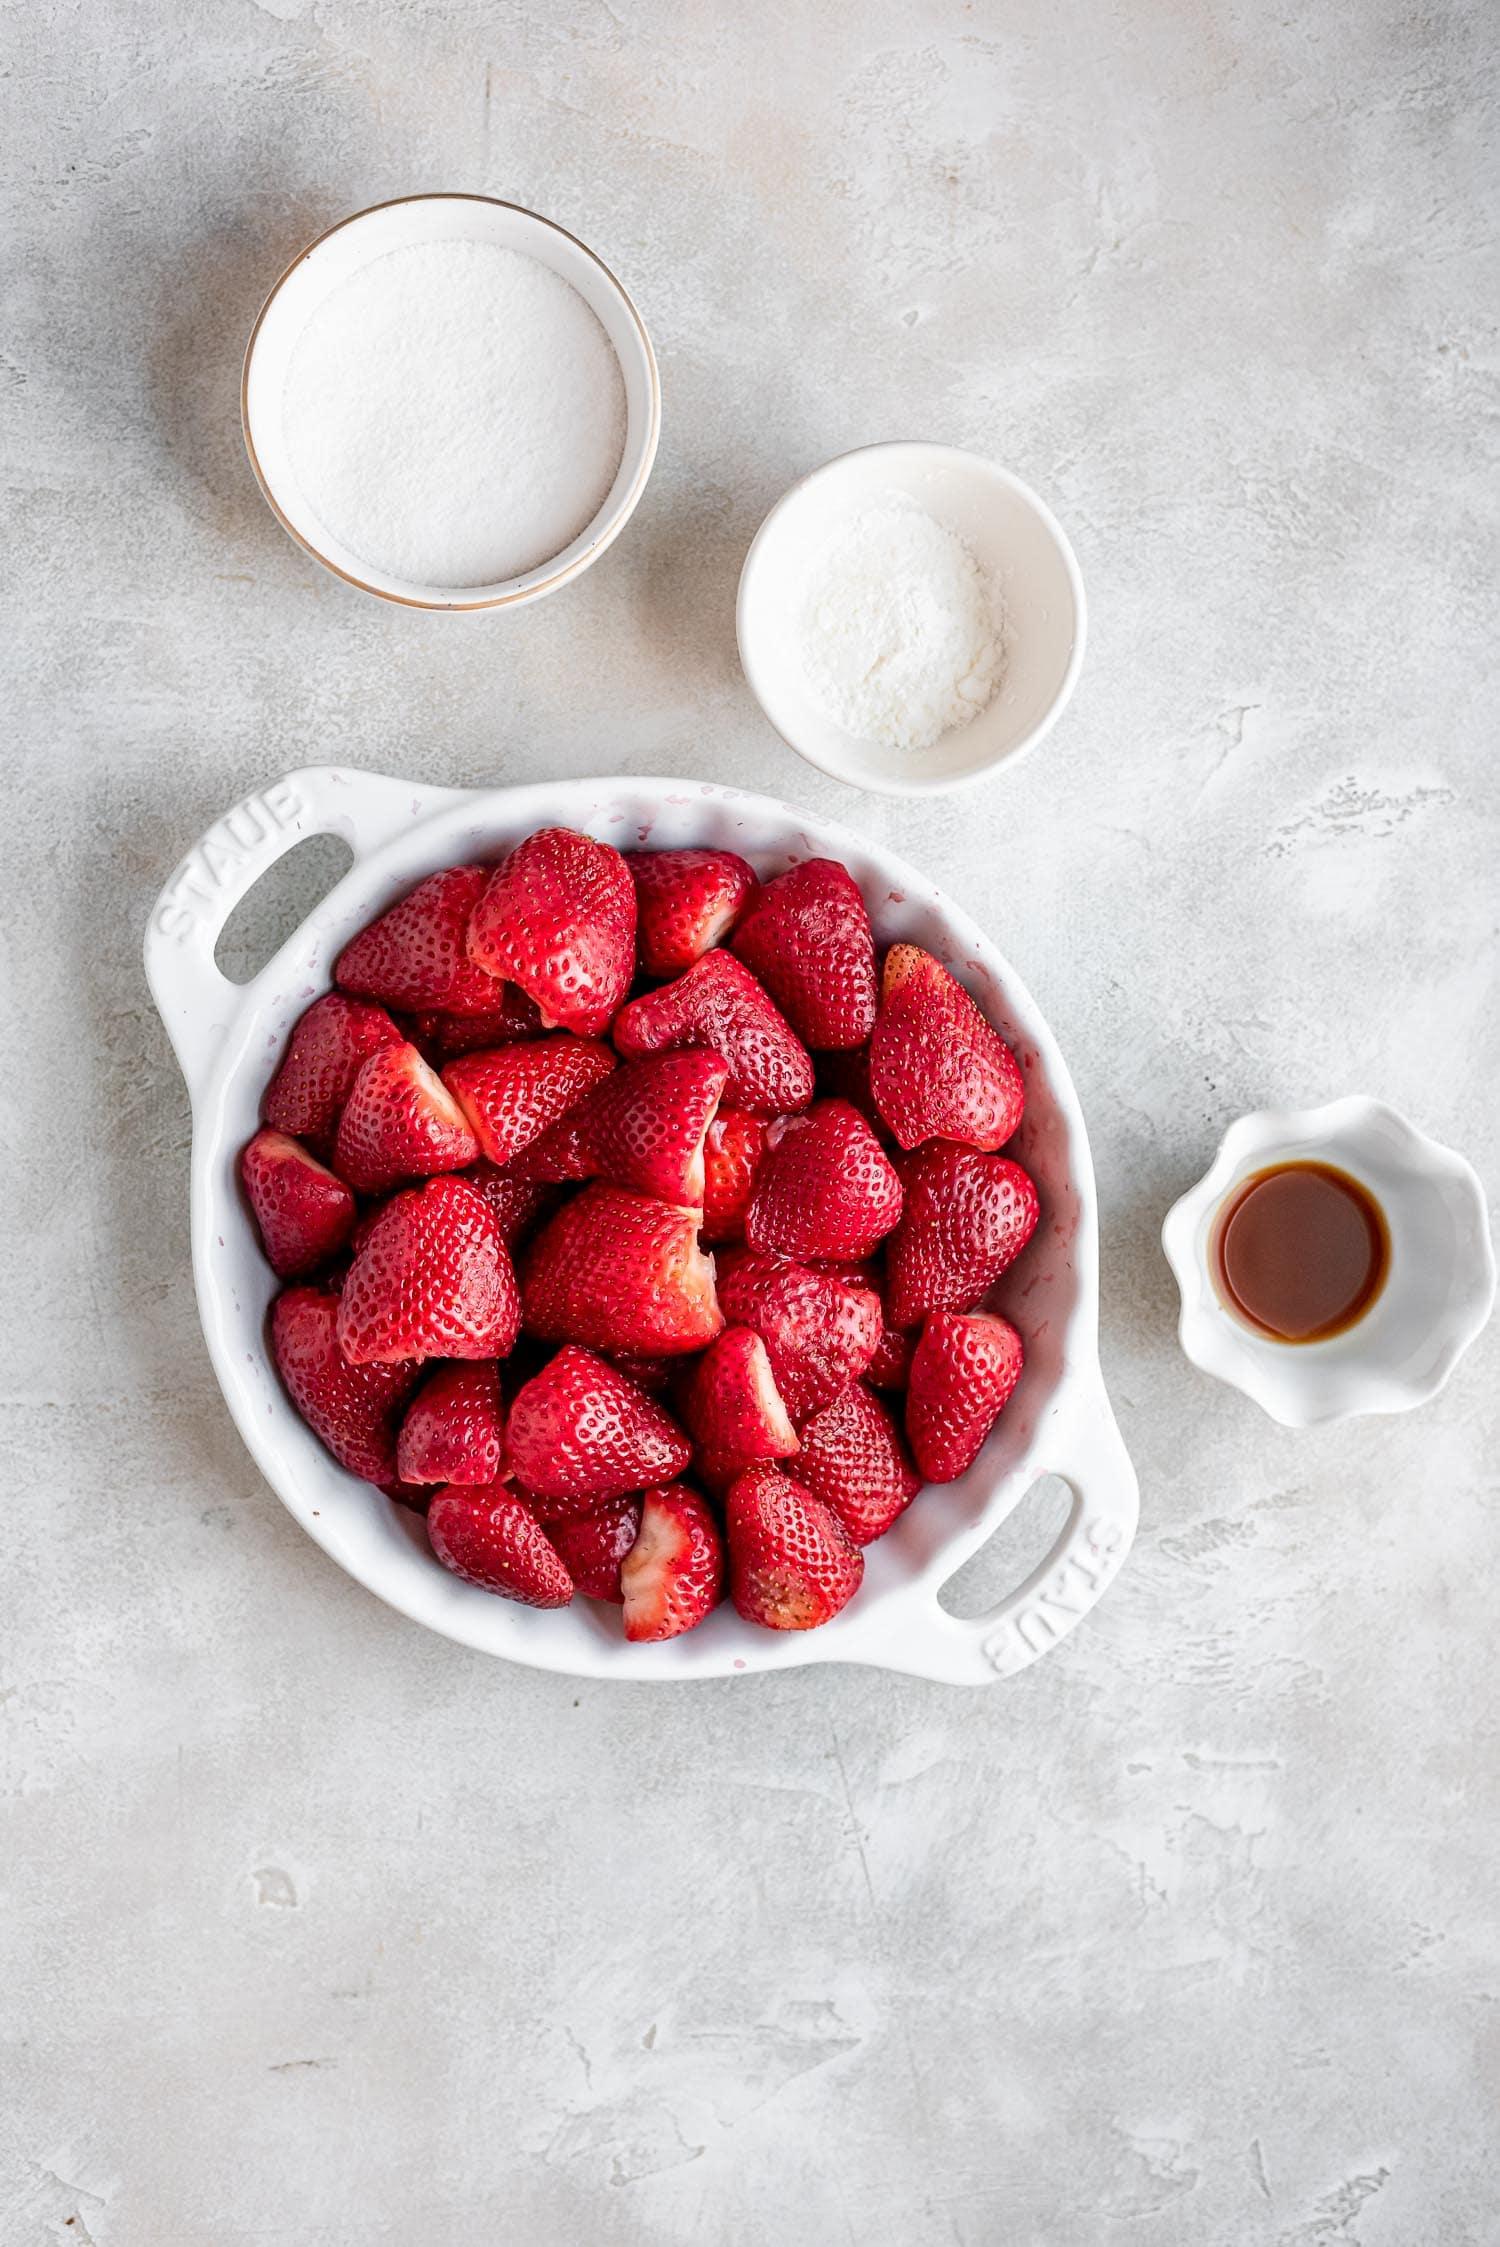 sliced strawberries in pan